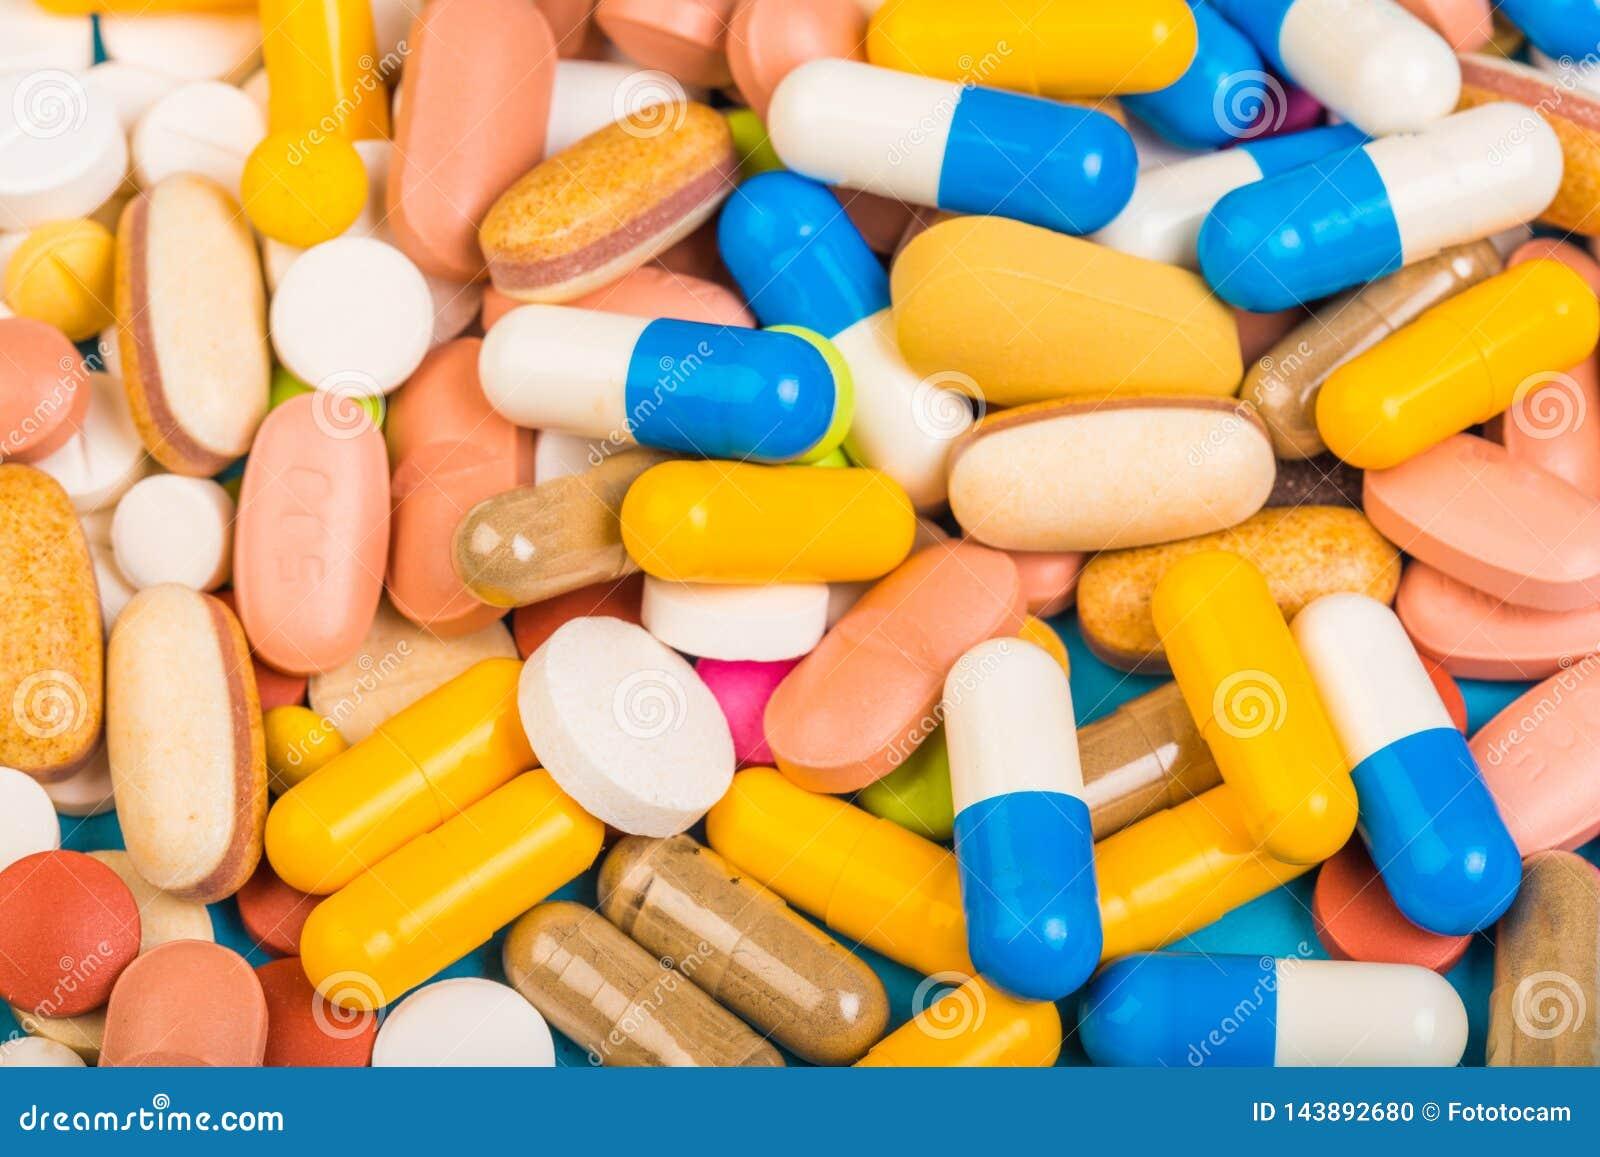 Fije de tabletas y de cápsulas multicoloras en un fondo azul